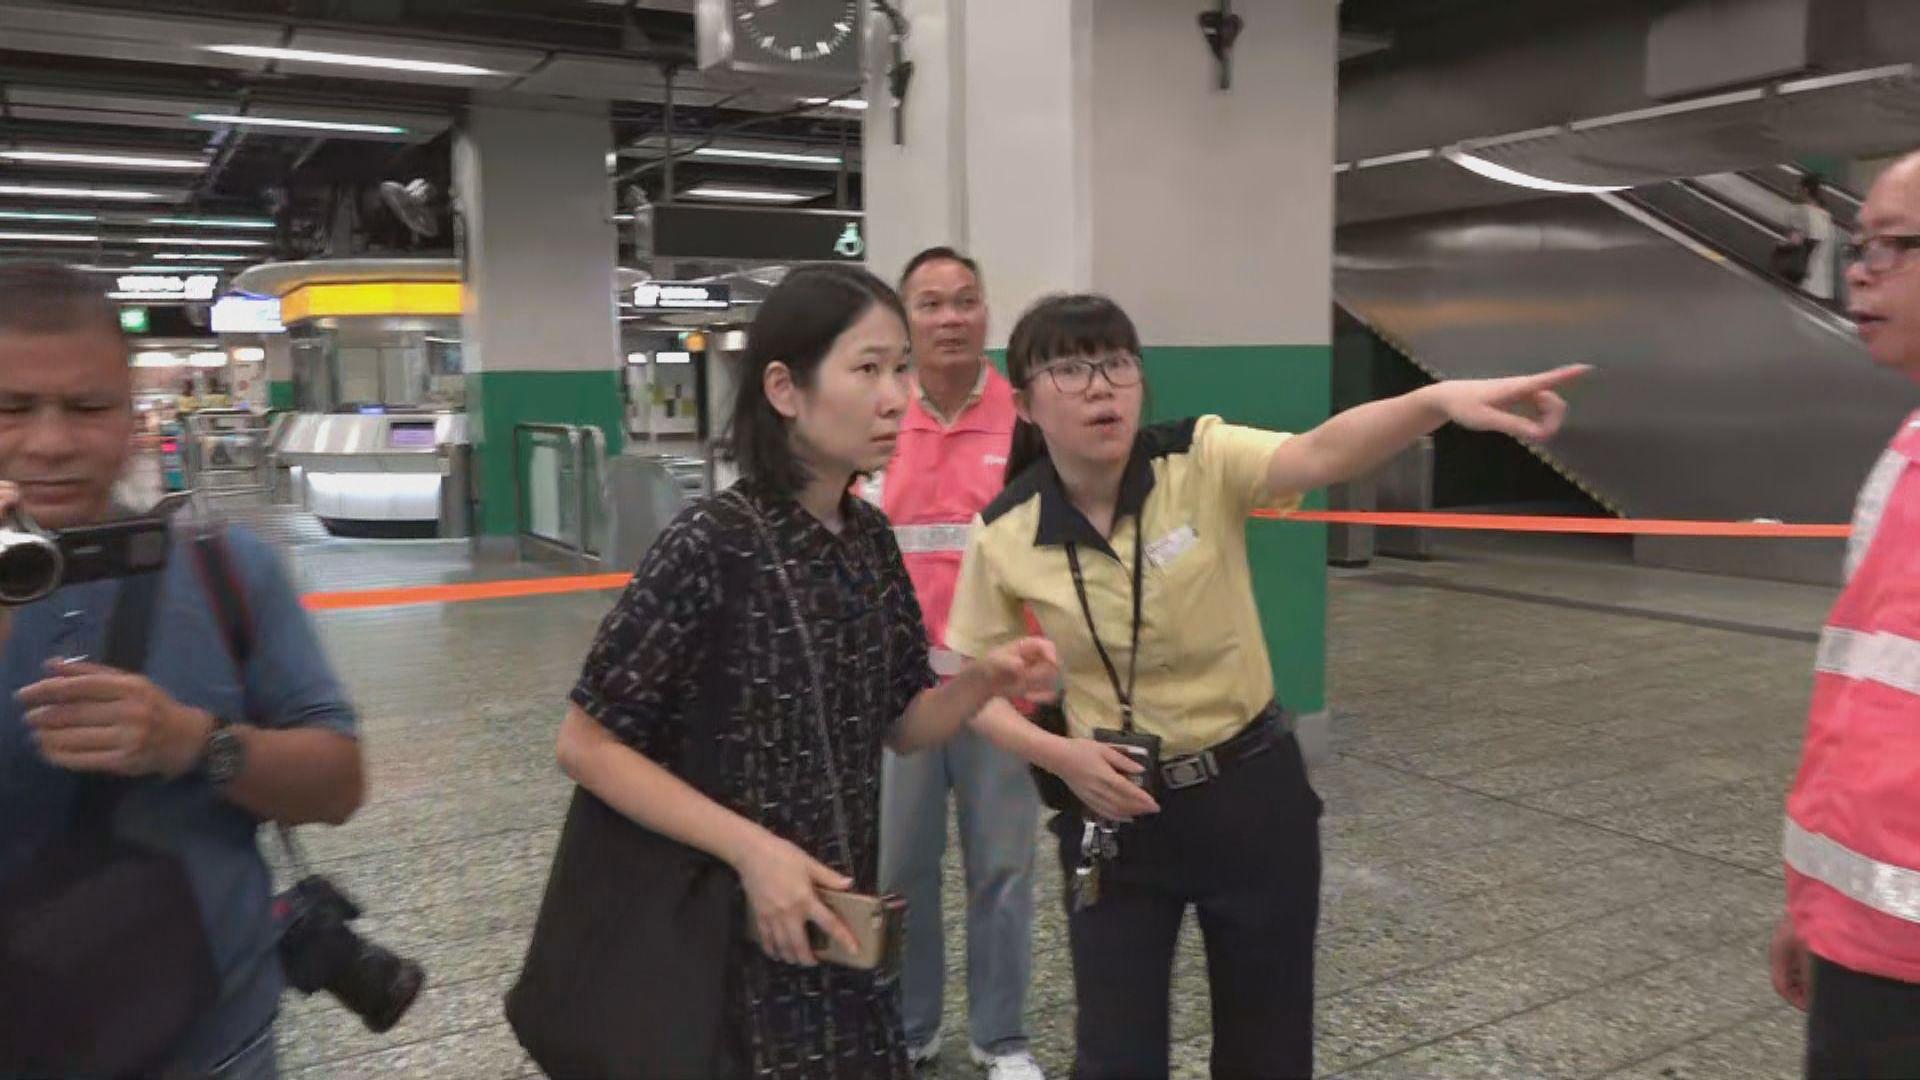 葵芳站設施受損 列車服務不受影響